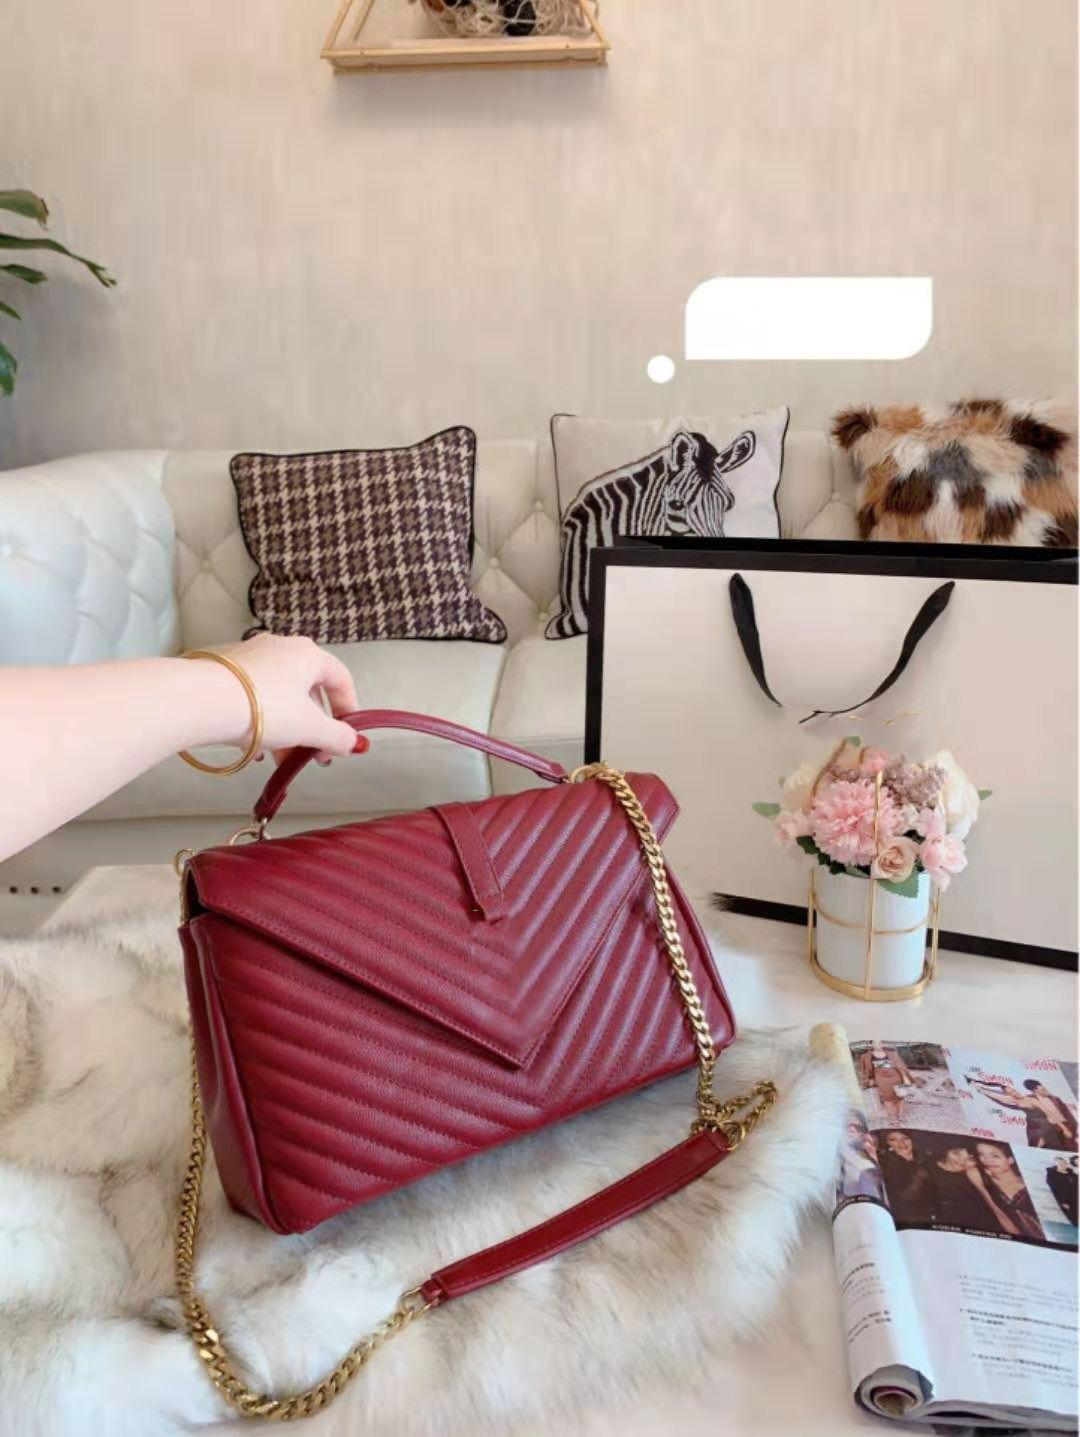 Klasik Hakiki Deri Omuzlu Çanta Çanta Messenger Zincir Eğimli Omuz Çantaları Lady Tek Taşınabilir Moda Çanta Ling Kadın Çanta